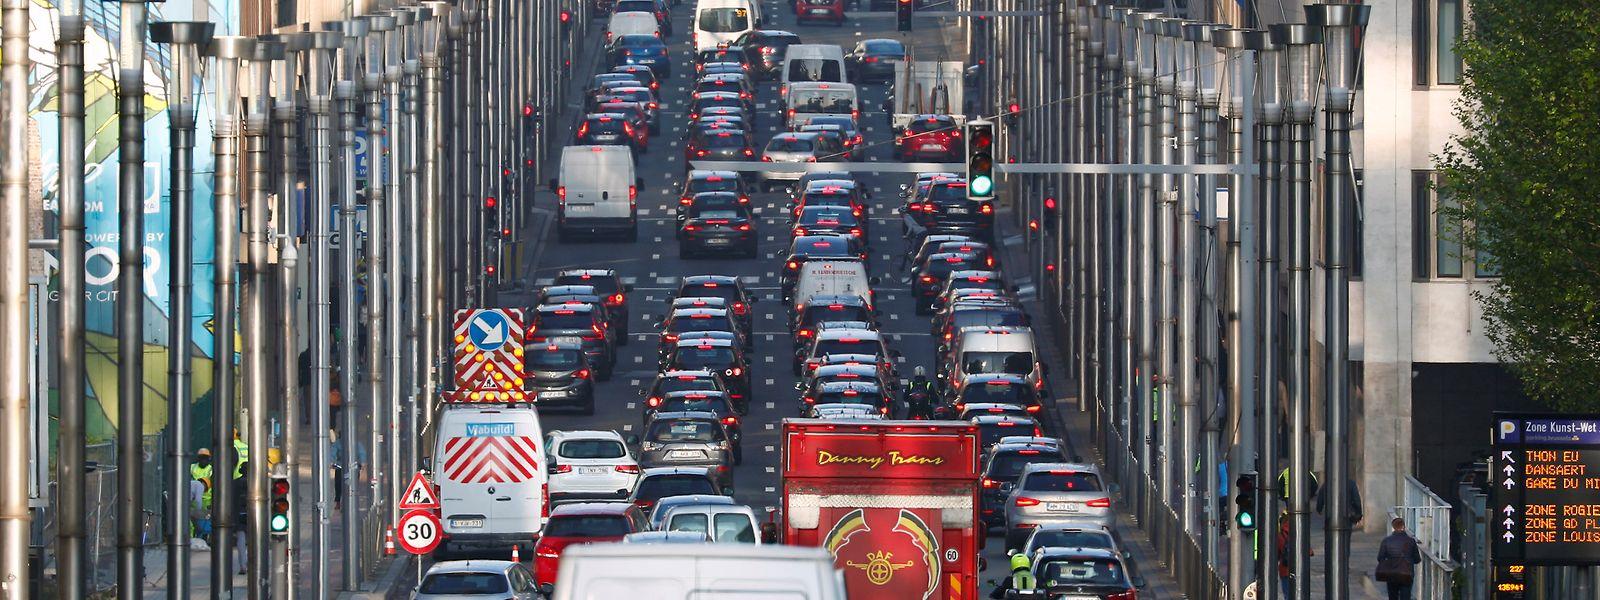 Encombrée, polluée et bruyante, Bruxelles ambitionne de s'inspirer de Londres, Milan ou Stockholm pour réduire ses embouteillages. Mais la mesure reste très impopulaire.